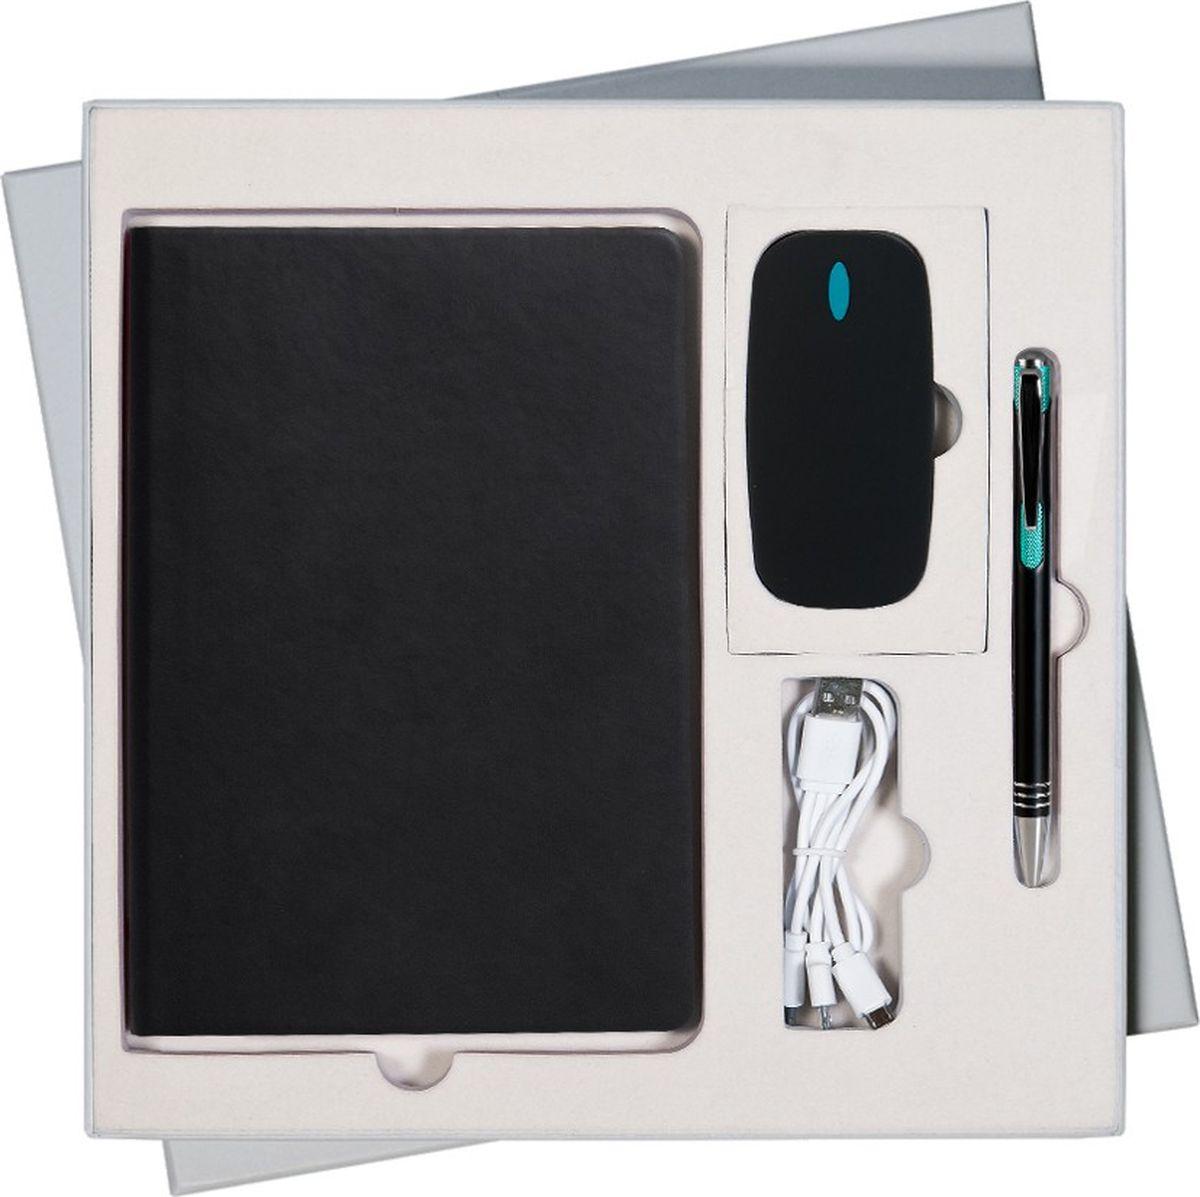 Portobello Trend Подарочный набор Sky GS-306-34GS-306-34-GREY-SKYВ набор входят: - недатированный ежедневник формата A5 со стикерами (содержит 256 страниц); - шариковая ручка Bello с нажимным механизмом; корпус выполнен из алюминия и декорирован хромированной гравировкой; - внешний аккумулятор Cleo PB 4000 mAh выполнен из пластика с покрытием -soft touch.